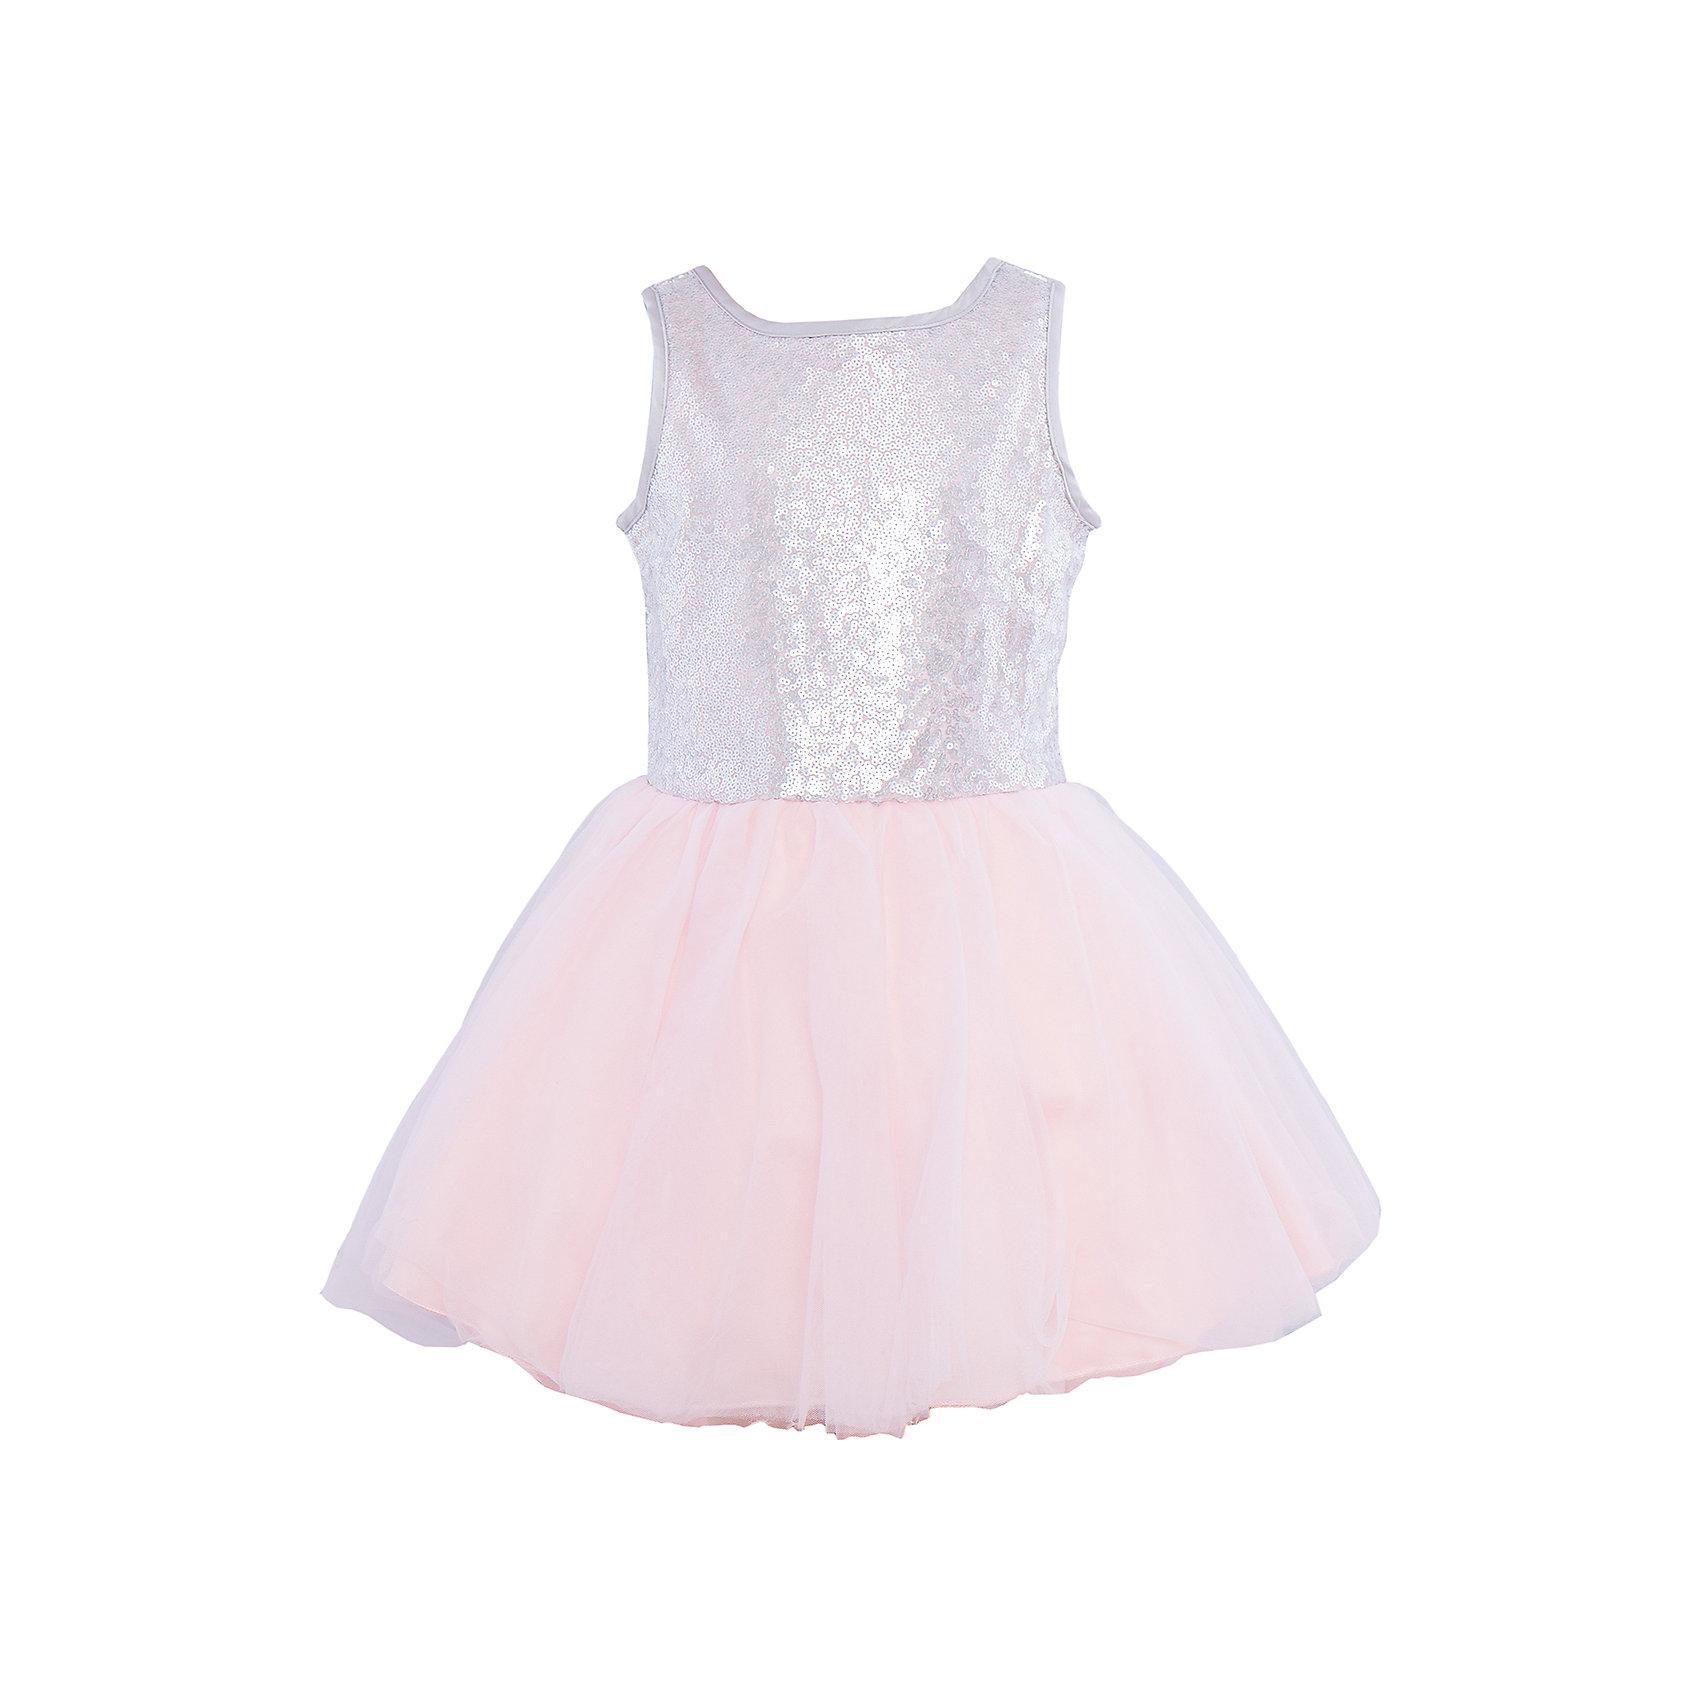 Нарядное платье для девочки Sweet BerryОдежда<br>Характеристики:<br><br>• Вид одежды: платье<br>• Предназначение: для праздника, торжеств<br>• Сезон: круглый год<br>• Материал: верх – 100% полиэстер; подкладка – 100% хлопок<br>• Цвет: серебристый, розовый<br>• Силуэт: классический А-силуэт<br>• Длина платья: миди<br>• Стиль юбки: пачка<br>• Вырез горловины: круглый<br>• Застежка: молния на спинке<br>• Особенности ухода: ручная стирка без применения отбеливающих средств, глажение при низкой температуре <br><br>Sweet Berry – это производитель, который сочетает в своей одежде функциональность, качество, стиль и следование современным мировым тенденциям в детской текстильной индустрии. <br>Стильное платье для девочки от знаменитого производителя детской одежды Sweet Berry выполнено из полиэстера с хлопковой подкладкой. Изделие имеет классический силуэт с отрезной талией и многослойную юбку-пачку со шлейфом. Пышность и объем юбке придает подъюбник. Полочка оформлена пайетками серебристого цвета, вырез рукавов и горловины обработаны атласной лентой. Праздничное платье от Sweet Berry – это залог успеха вашего ребенка на любом торжестве!<br><br>Платье для девочки Sweet Berry можно купить в нашем интернет-магазине.<br><br>Ширина мм: 236<br>Глубина мм: 16<br>Высота мм: 184<br>Вес г: 177<br>Цвет: розовый<br>Возраст от месяцев: 36<br>Возраст до месяцев: 48<br>Пол: Женский<br>Возраст: Детский<br>Размер: 104,98,110,116,122,128<br>SKU: 5052168